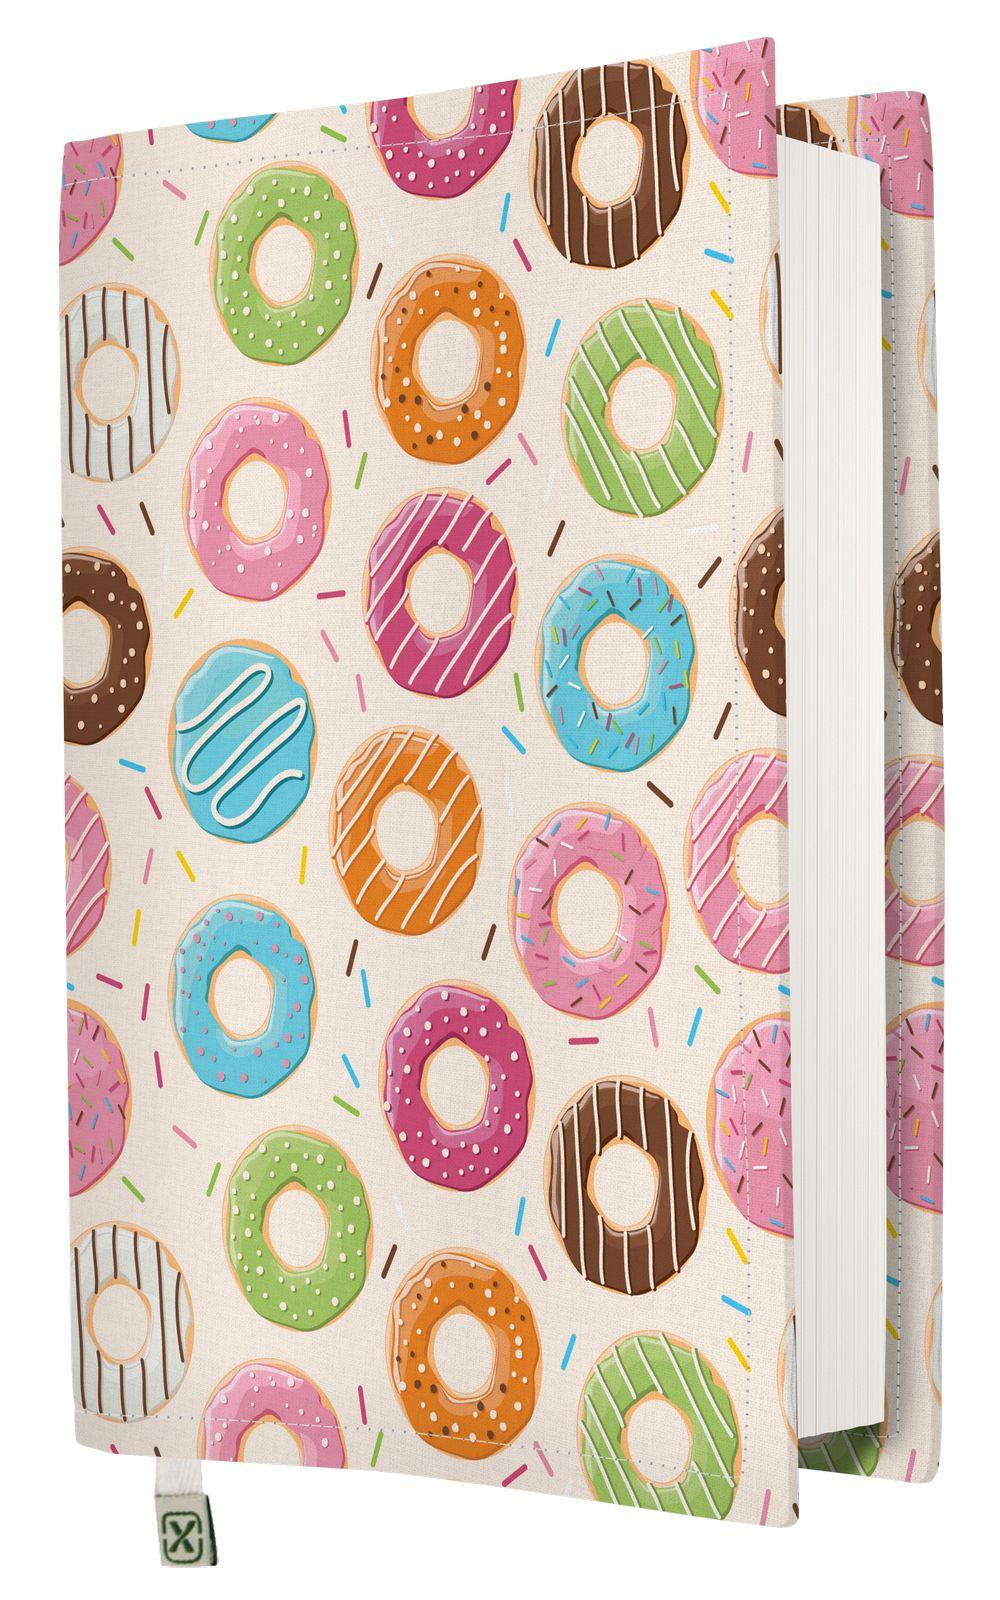 Kapax Kitap Kılıfı - Donut - M - 31x21cm